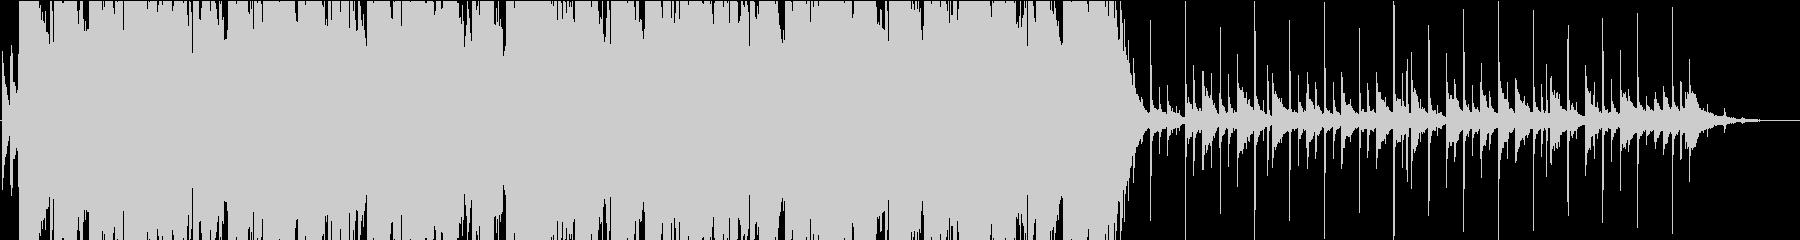 壮大で幻想的な和風のHipHopの未再生の波形